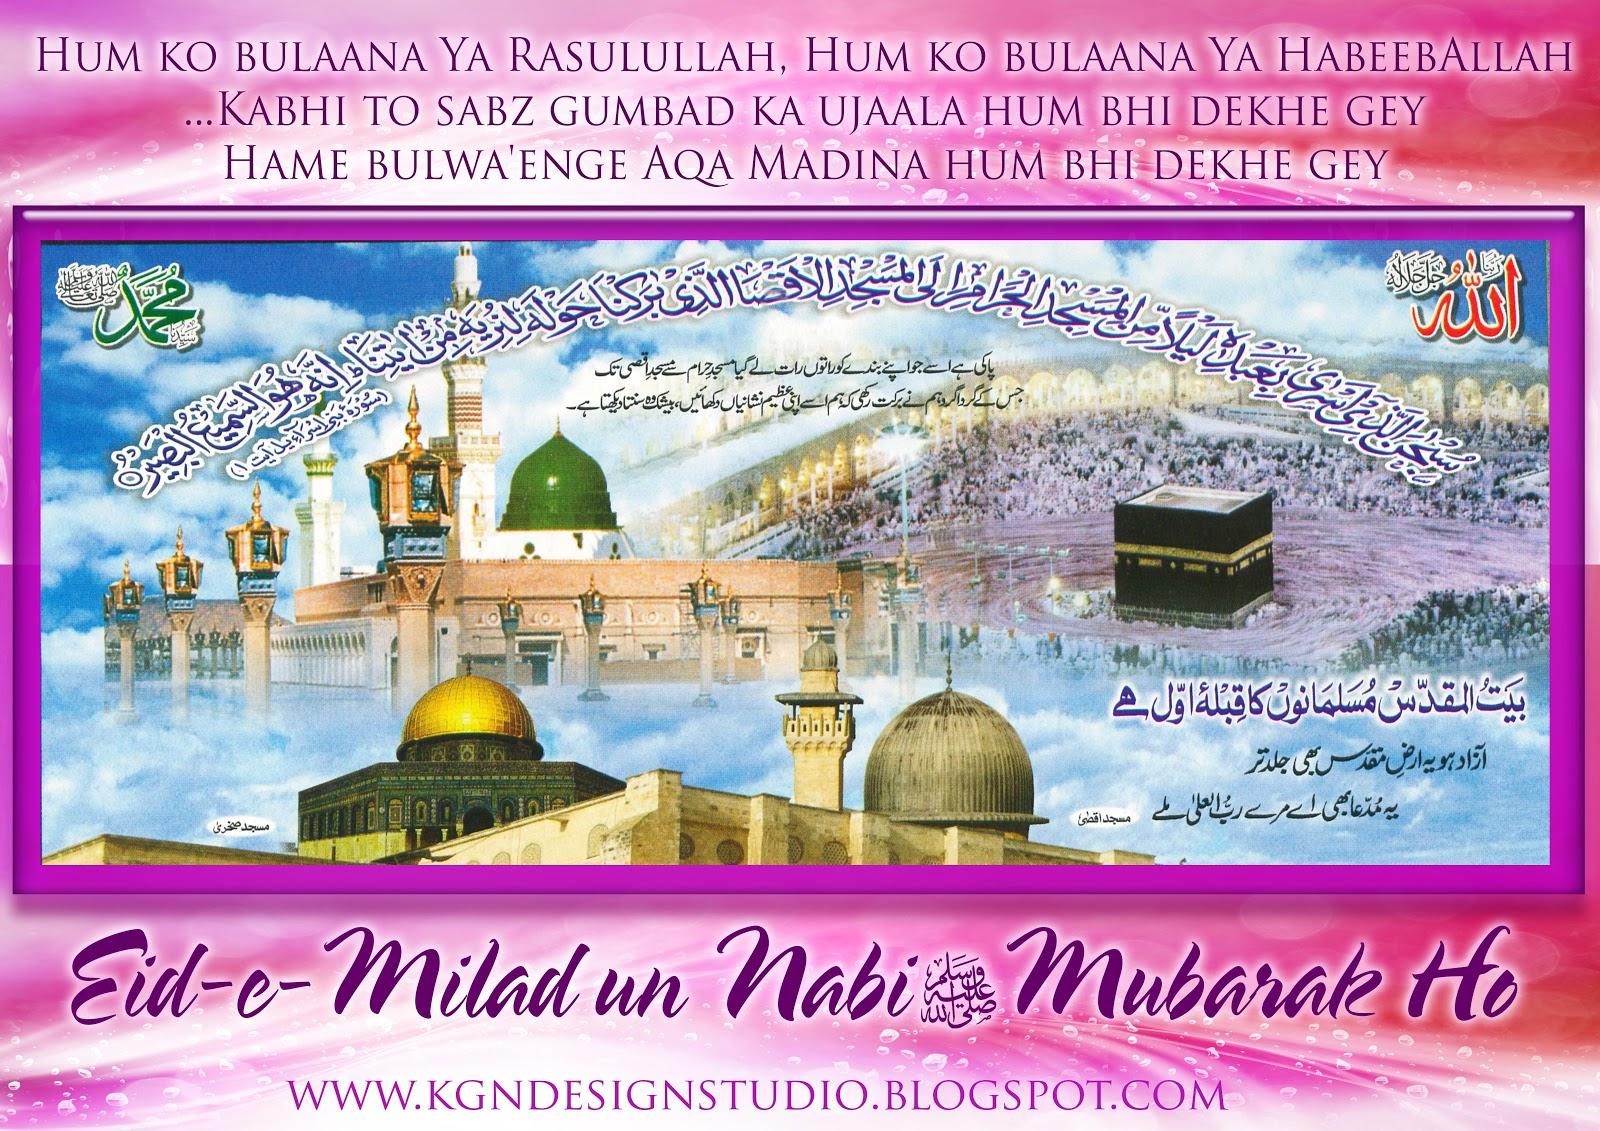 http://2.bp.blogspot.com/-GiZ_S5zdaEc/UOa3d7DoDjI/AAAAAAAACPc/CsBMXmz8vao/s1600/Eid-e-Milad-Wallpaper-14.jpg